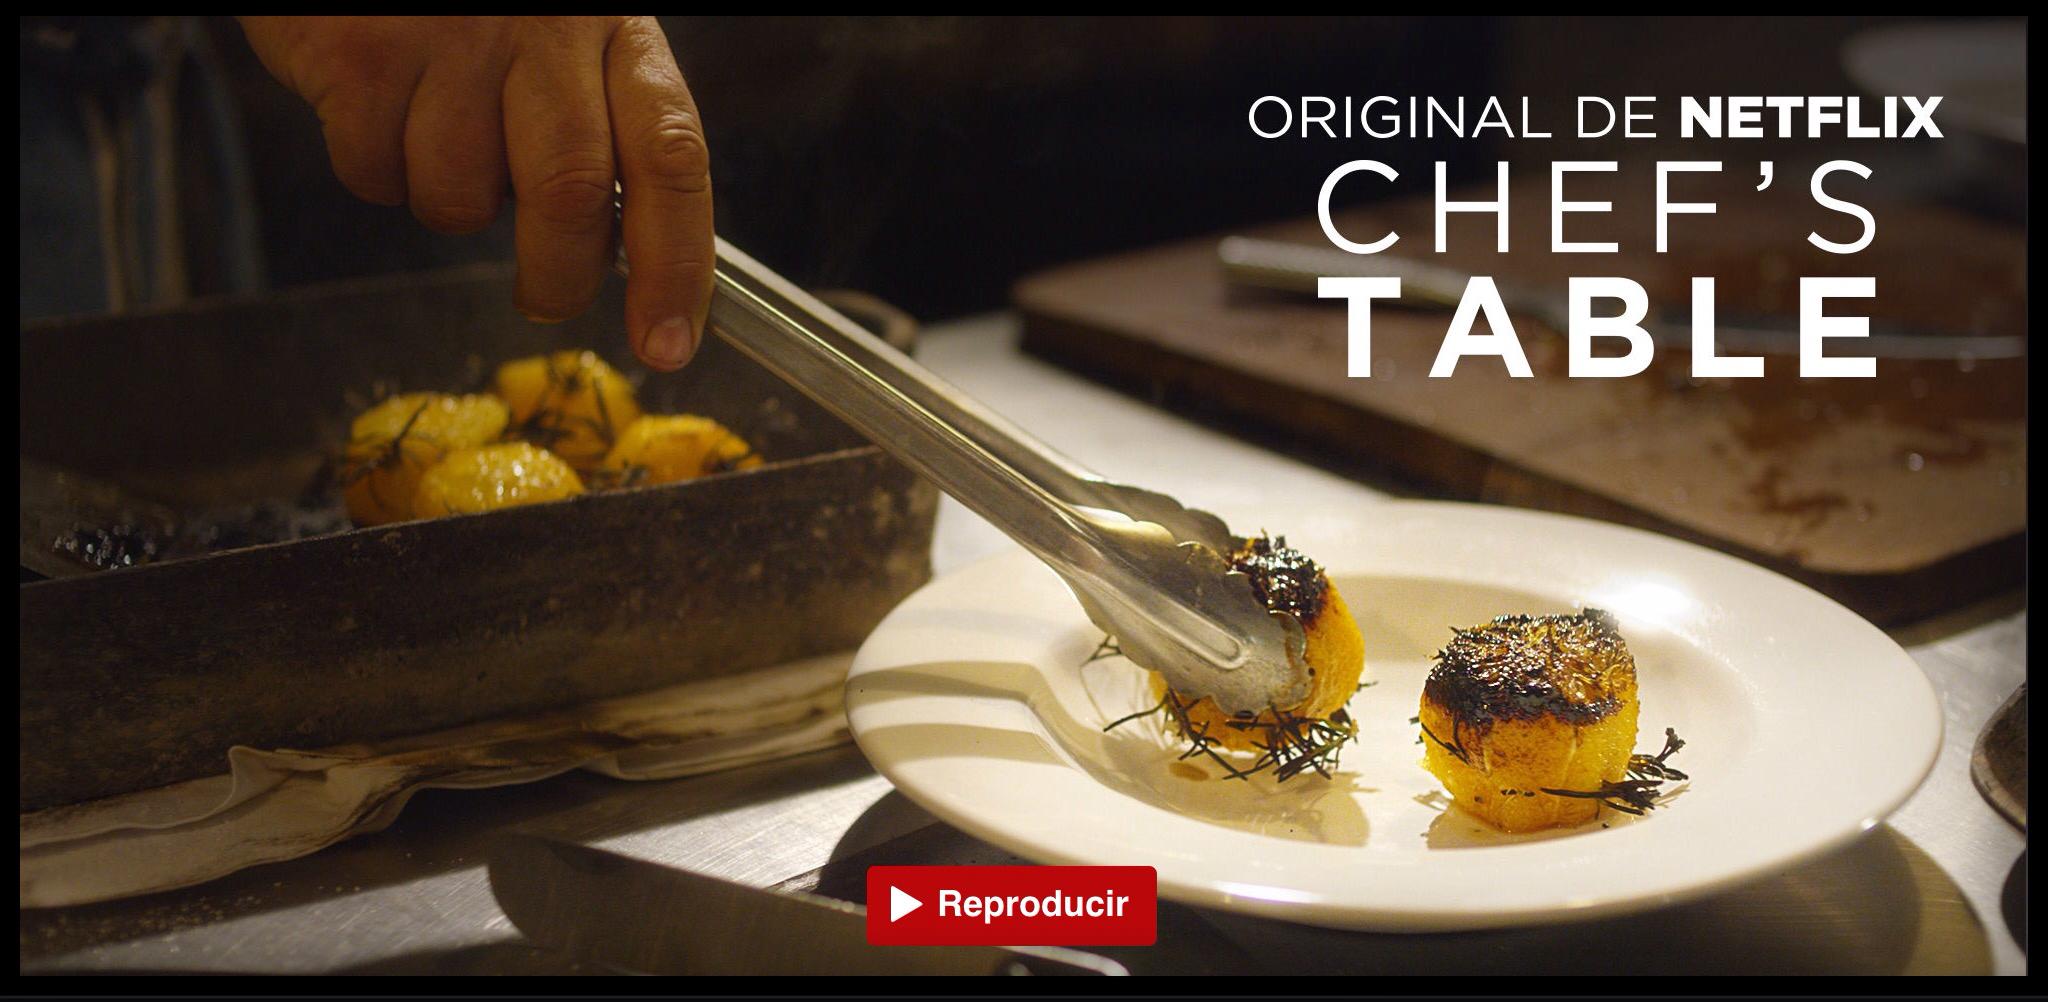 Chef's Table: Netflix renouvelle la série culinaire